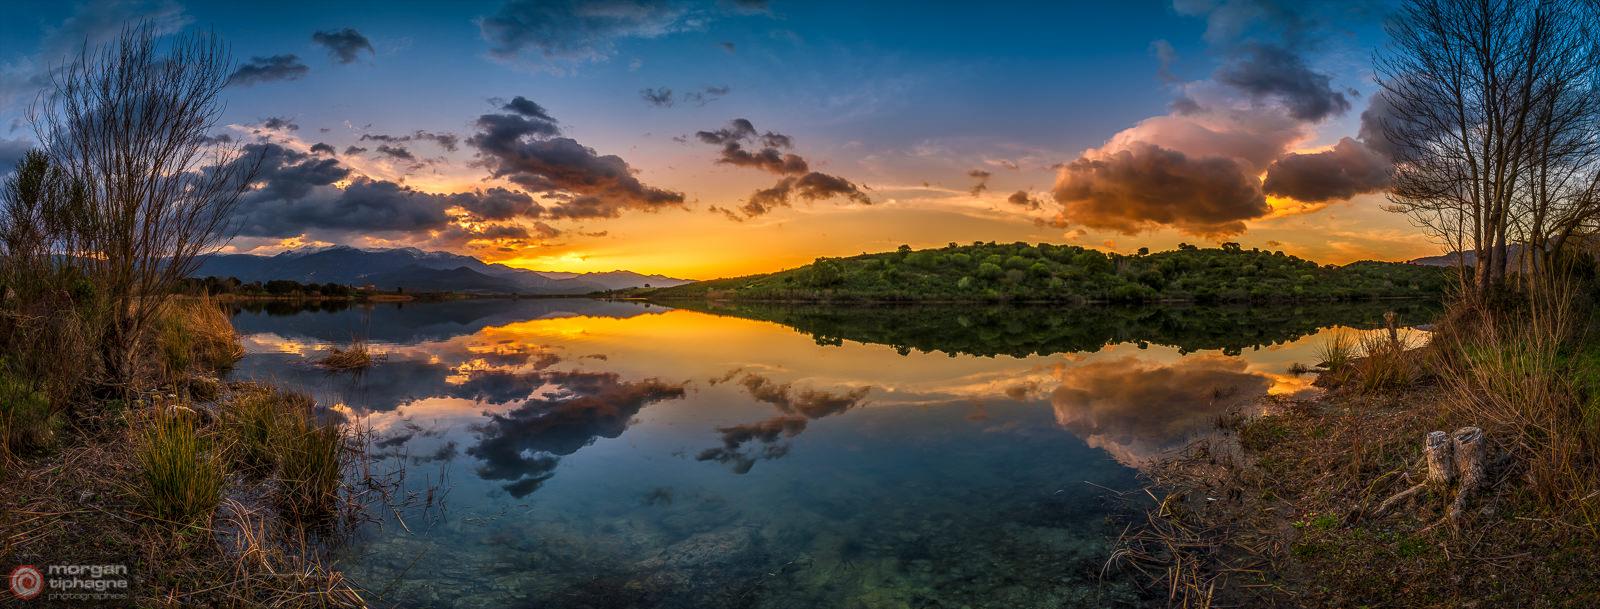 Padula lake